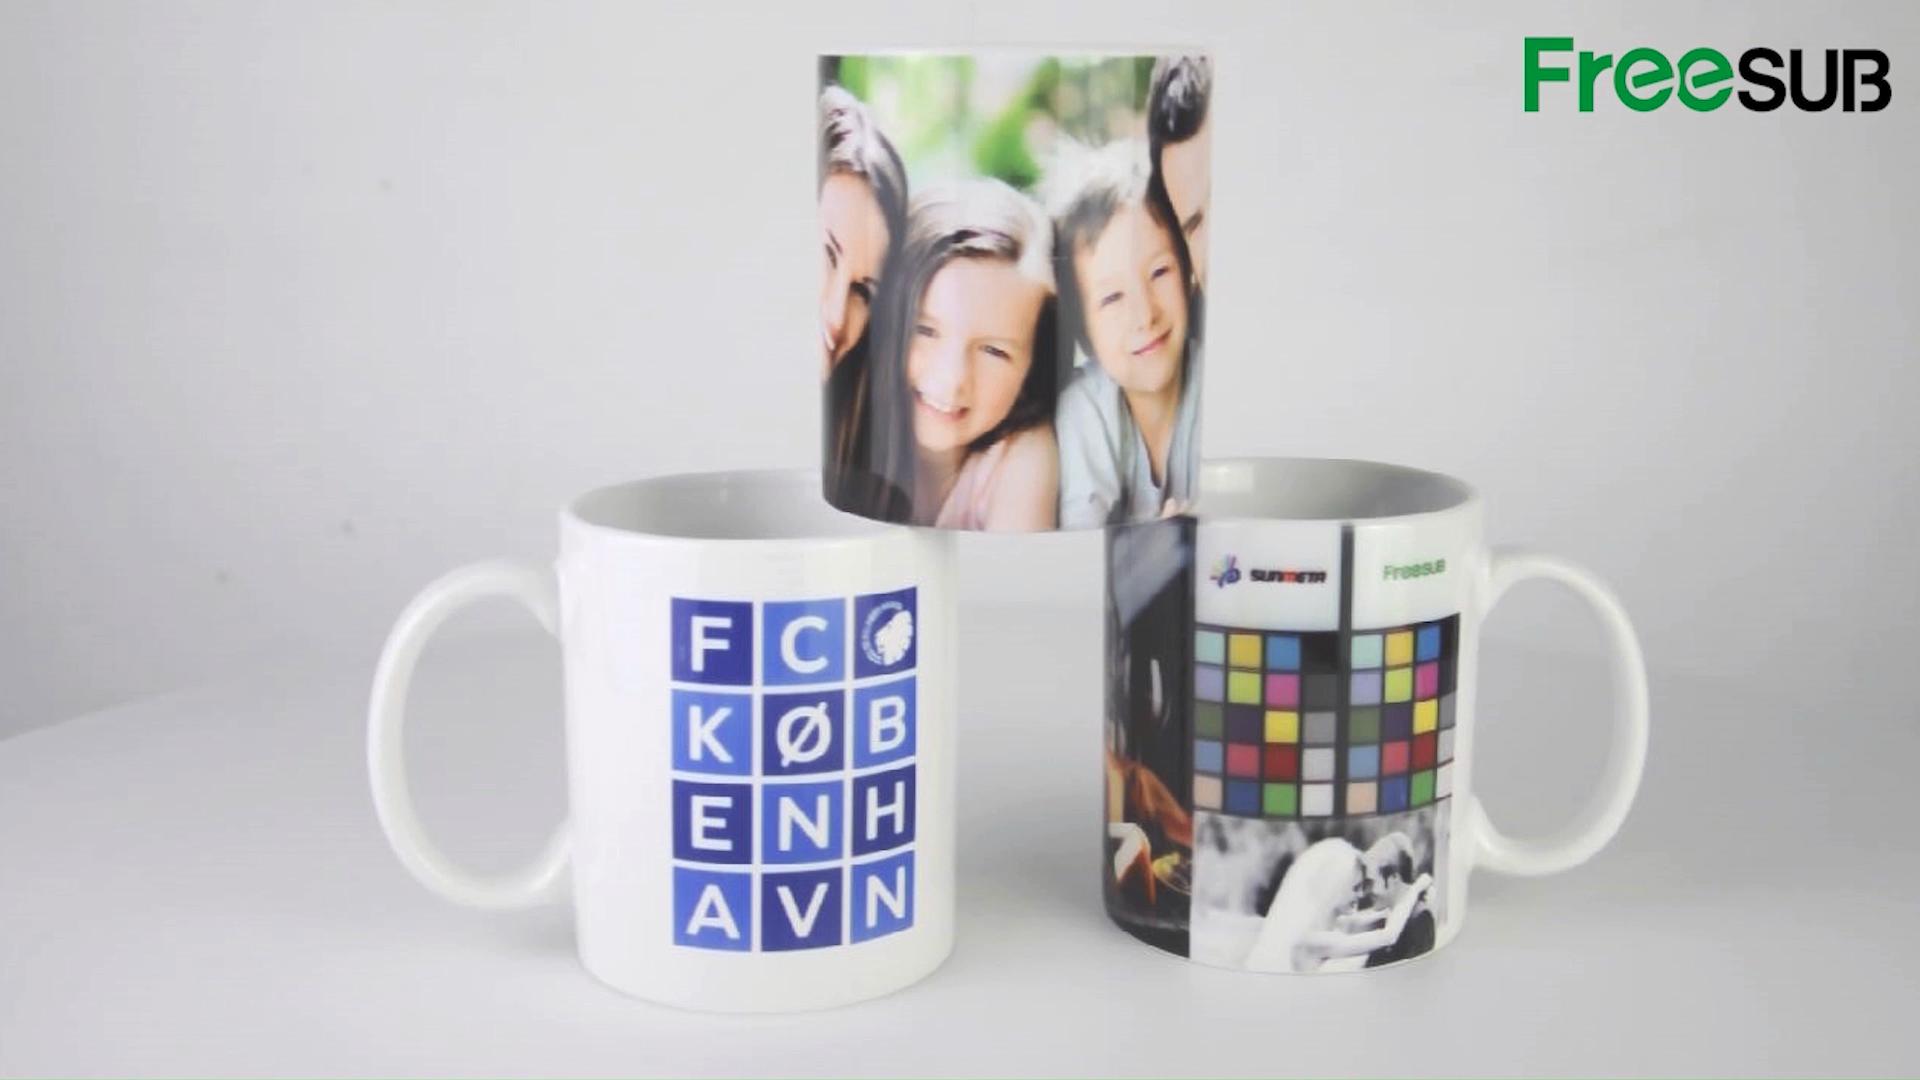 Sunmeta white blank ceramic sublimation coffee mug for promotion